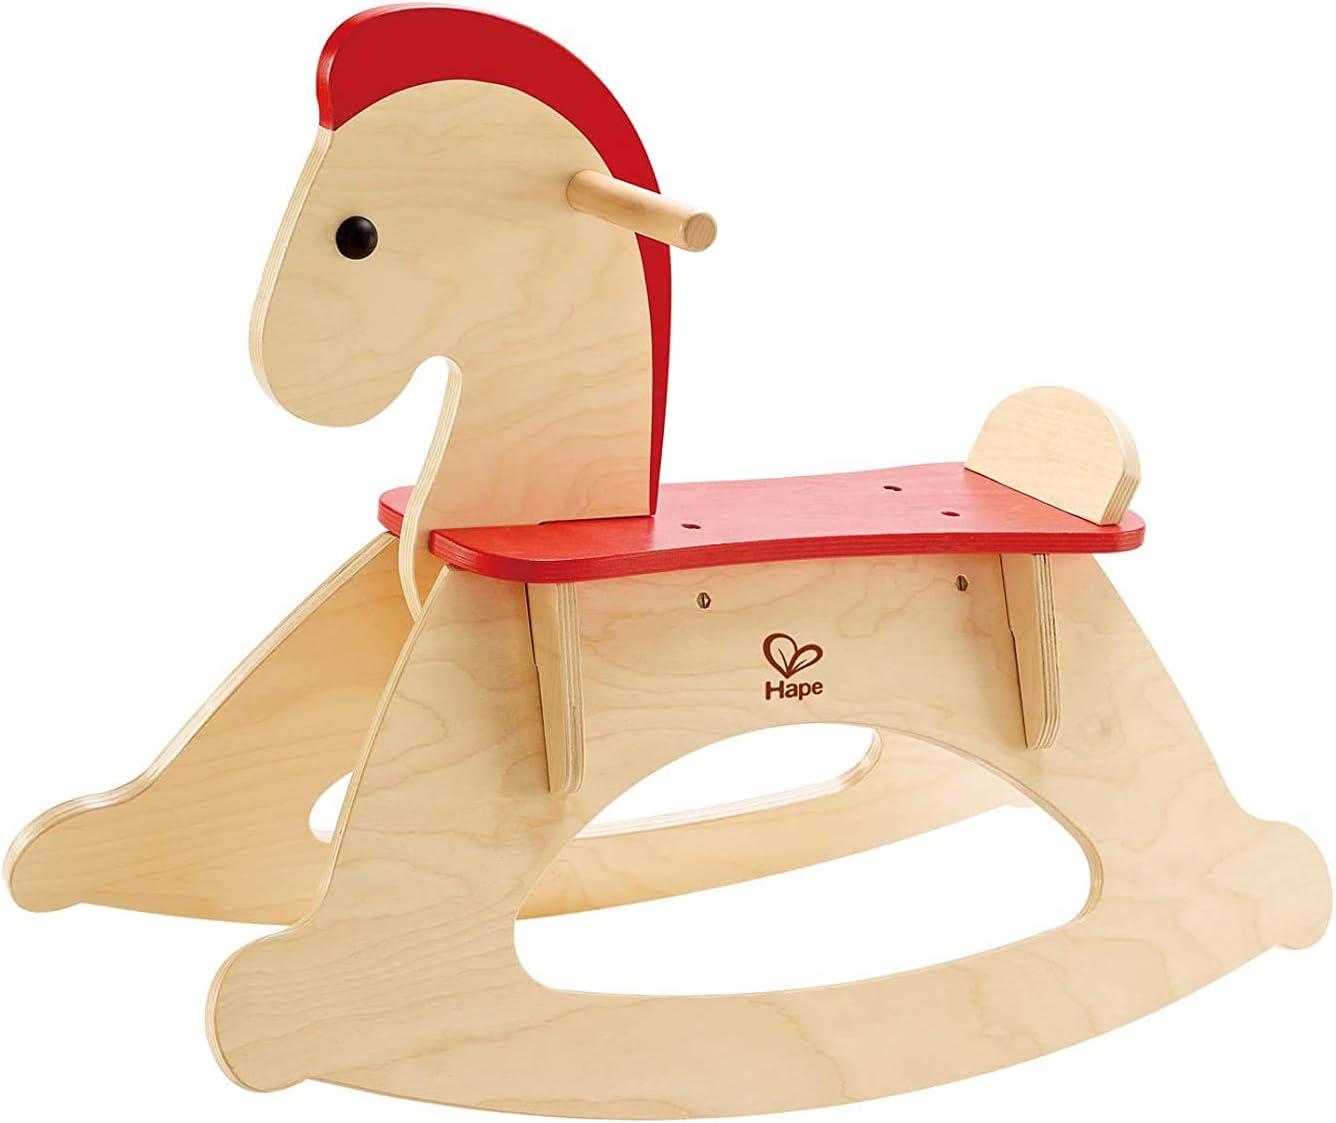 Hape Rock und Ride Kid'S Wooden Rocking Horse